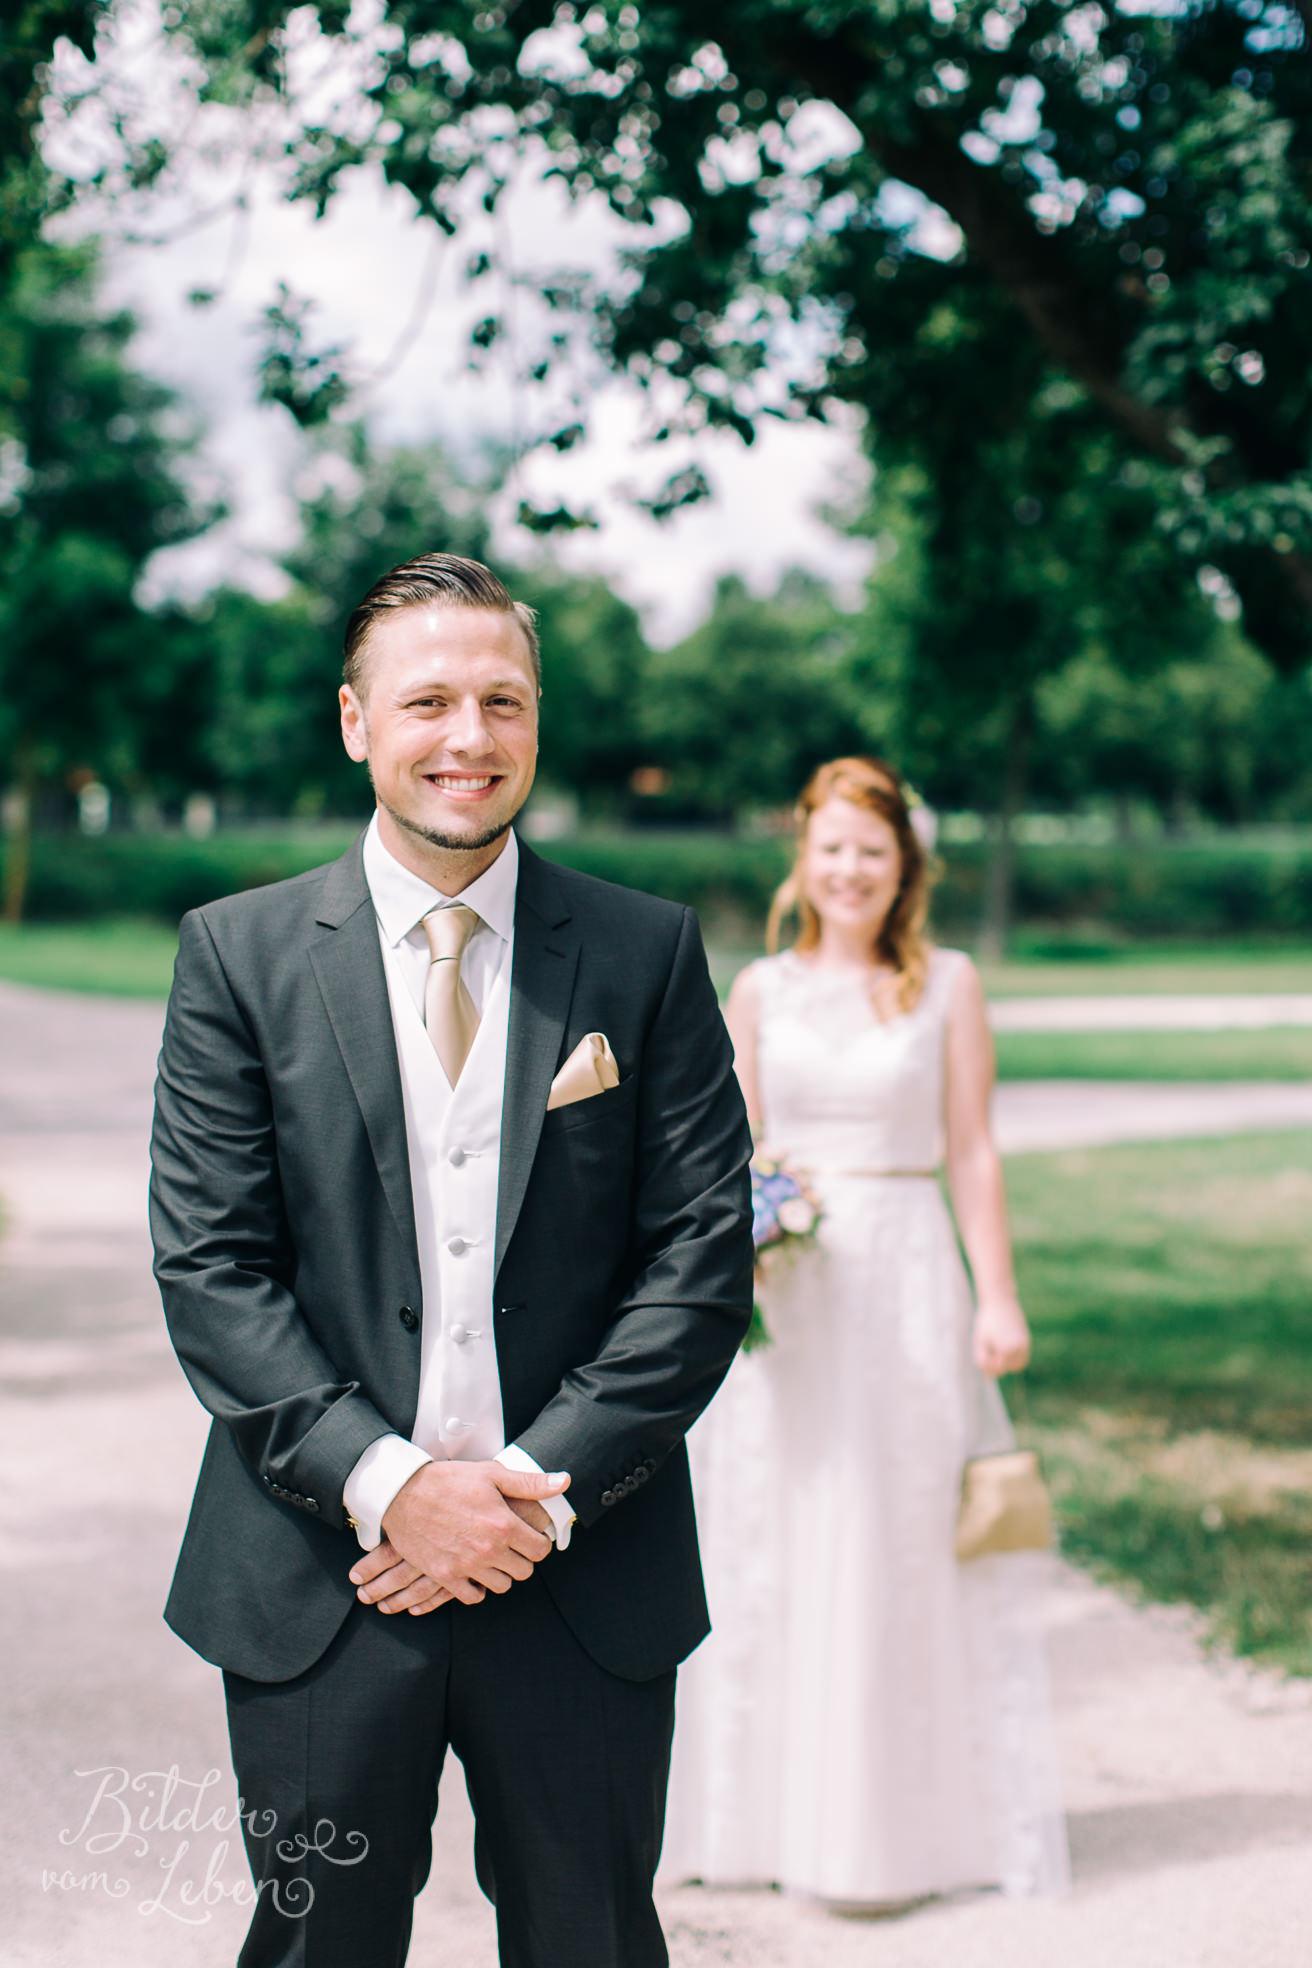 Franzi-Mike-Hochzeitsfotos-Triesdorf-IM2C0587